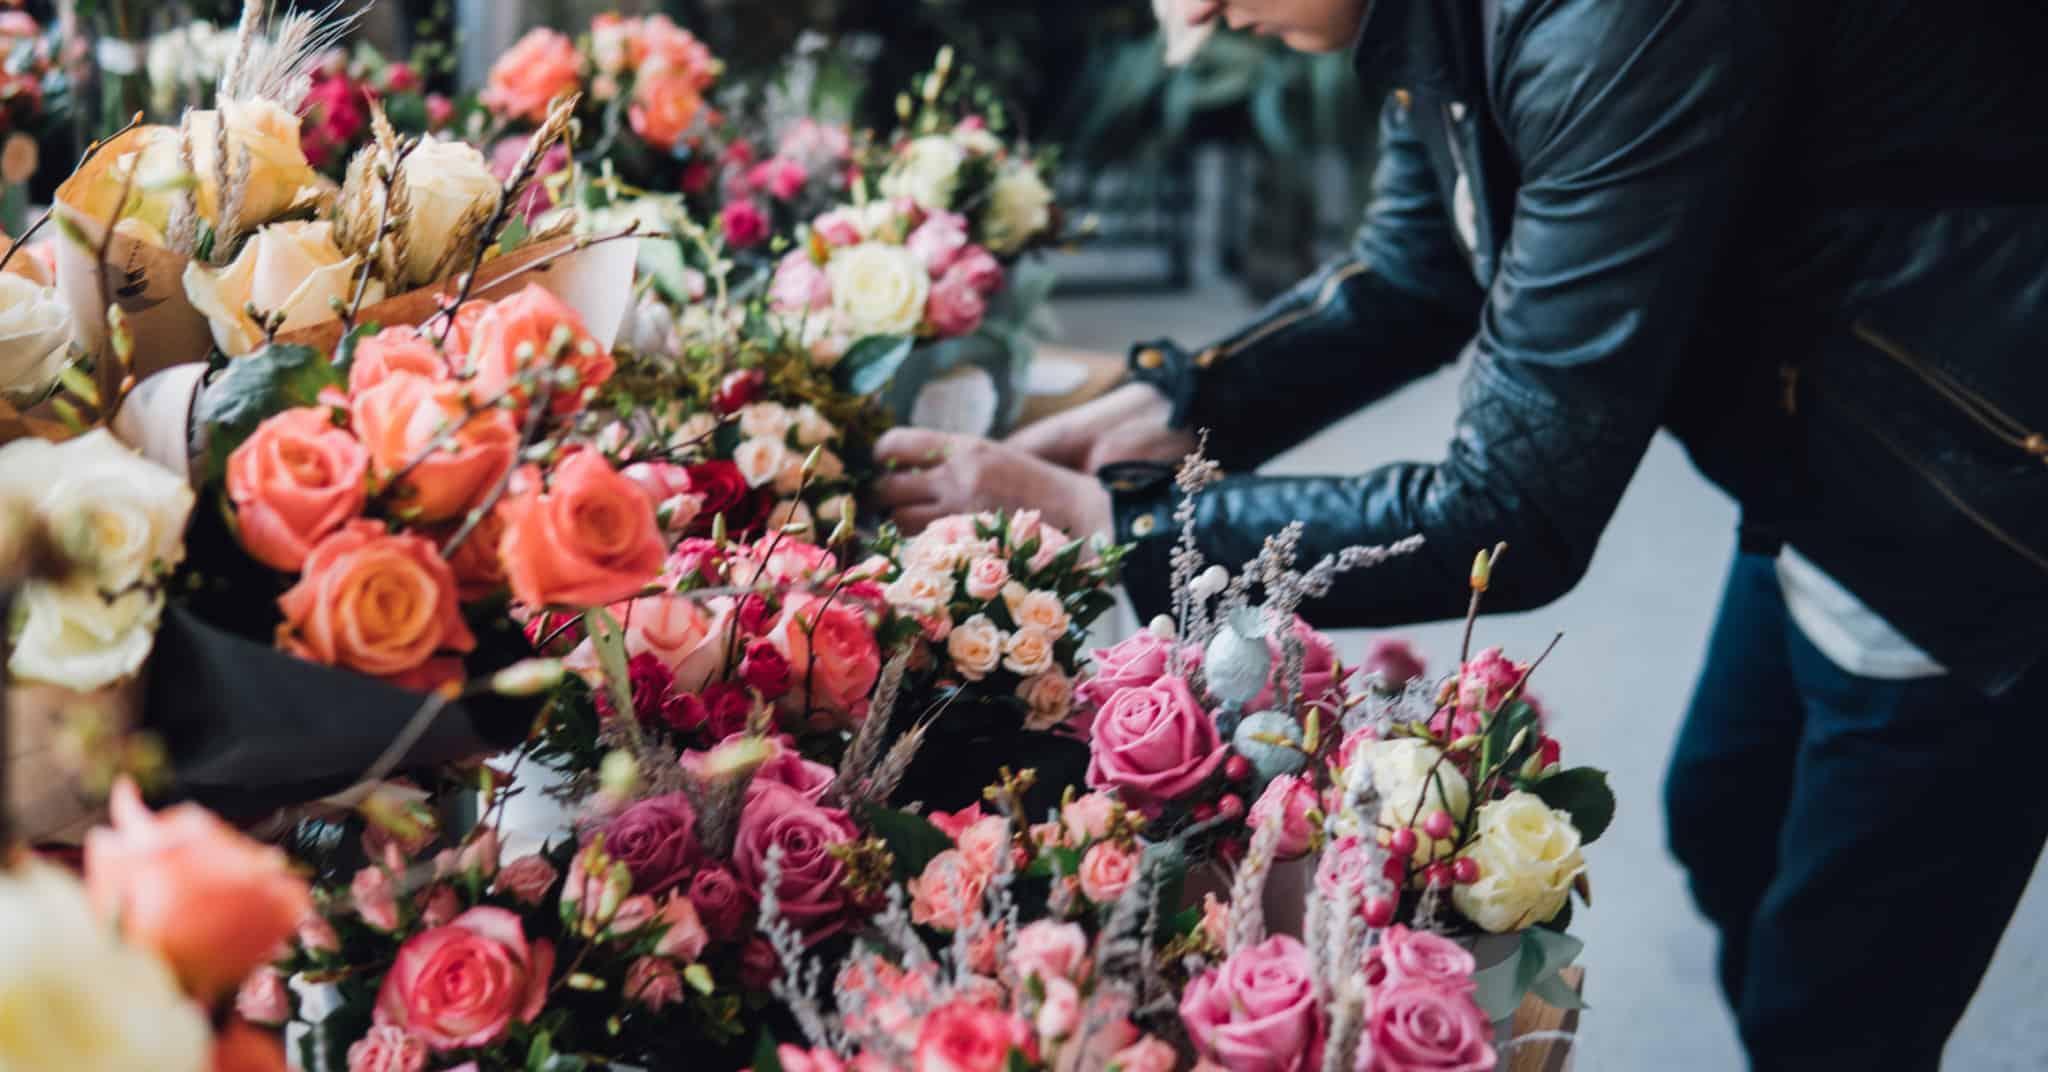 pessoa a arranjar flores num tributo